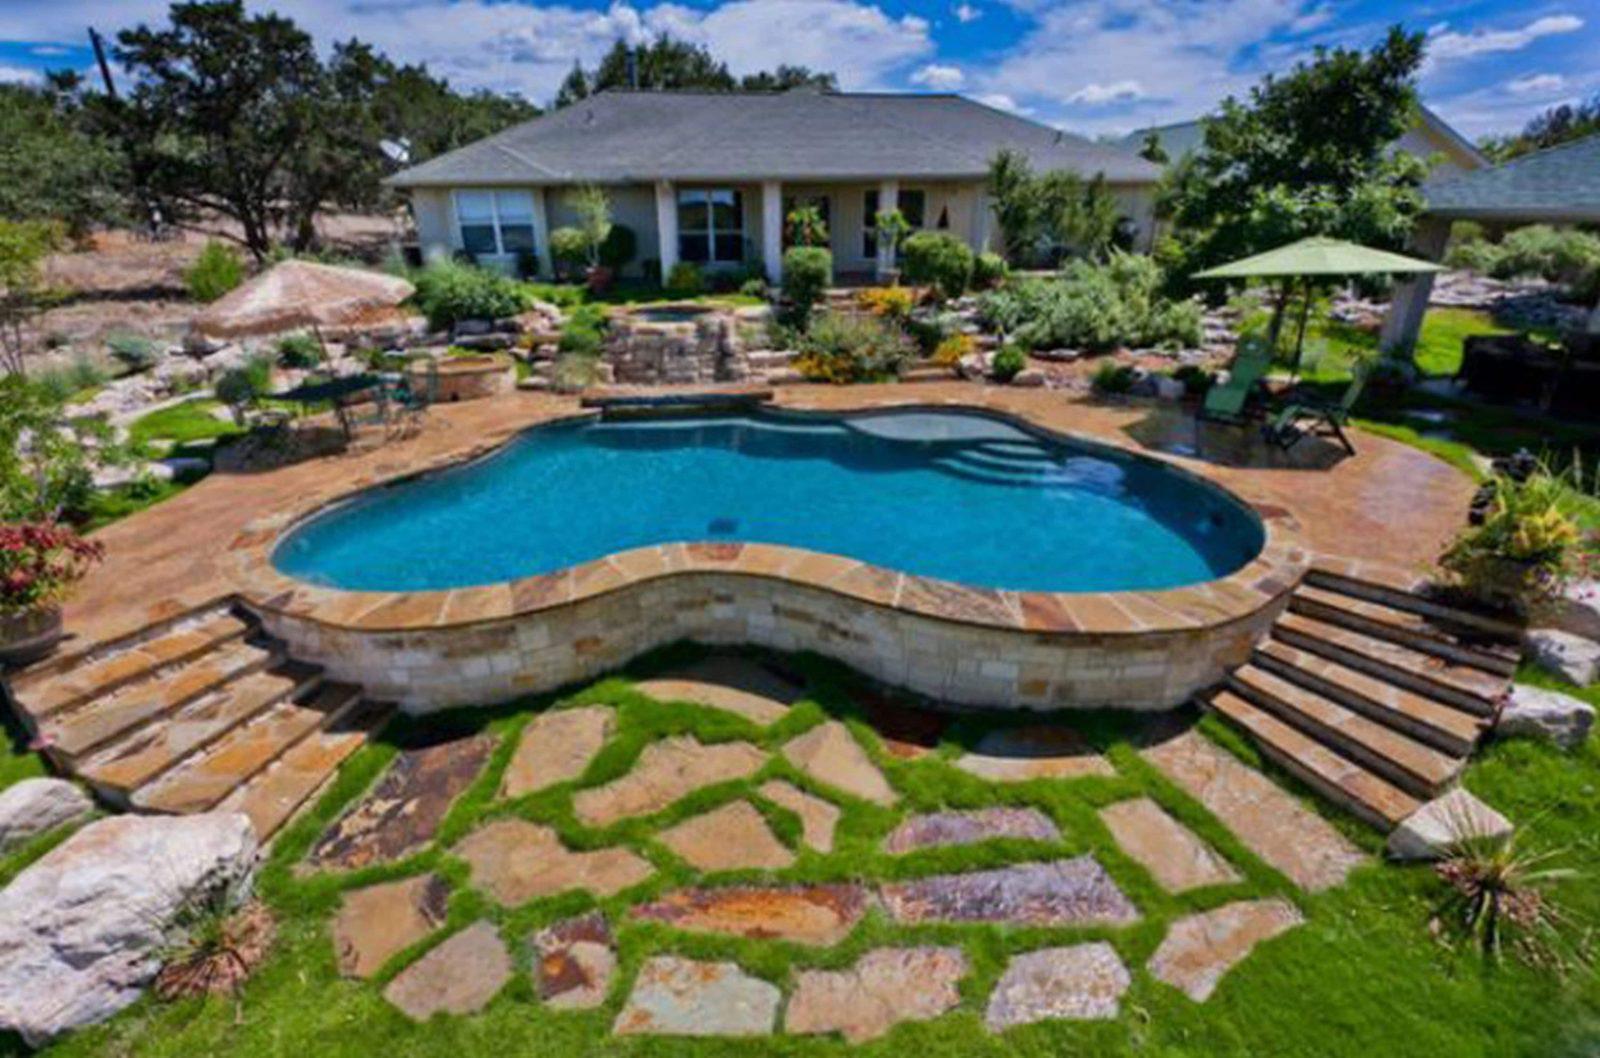 20 amazing backyard pool designs yardmasterzcom